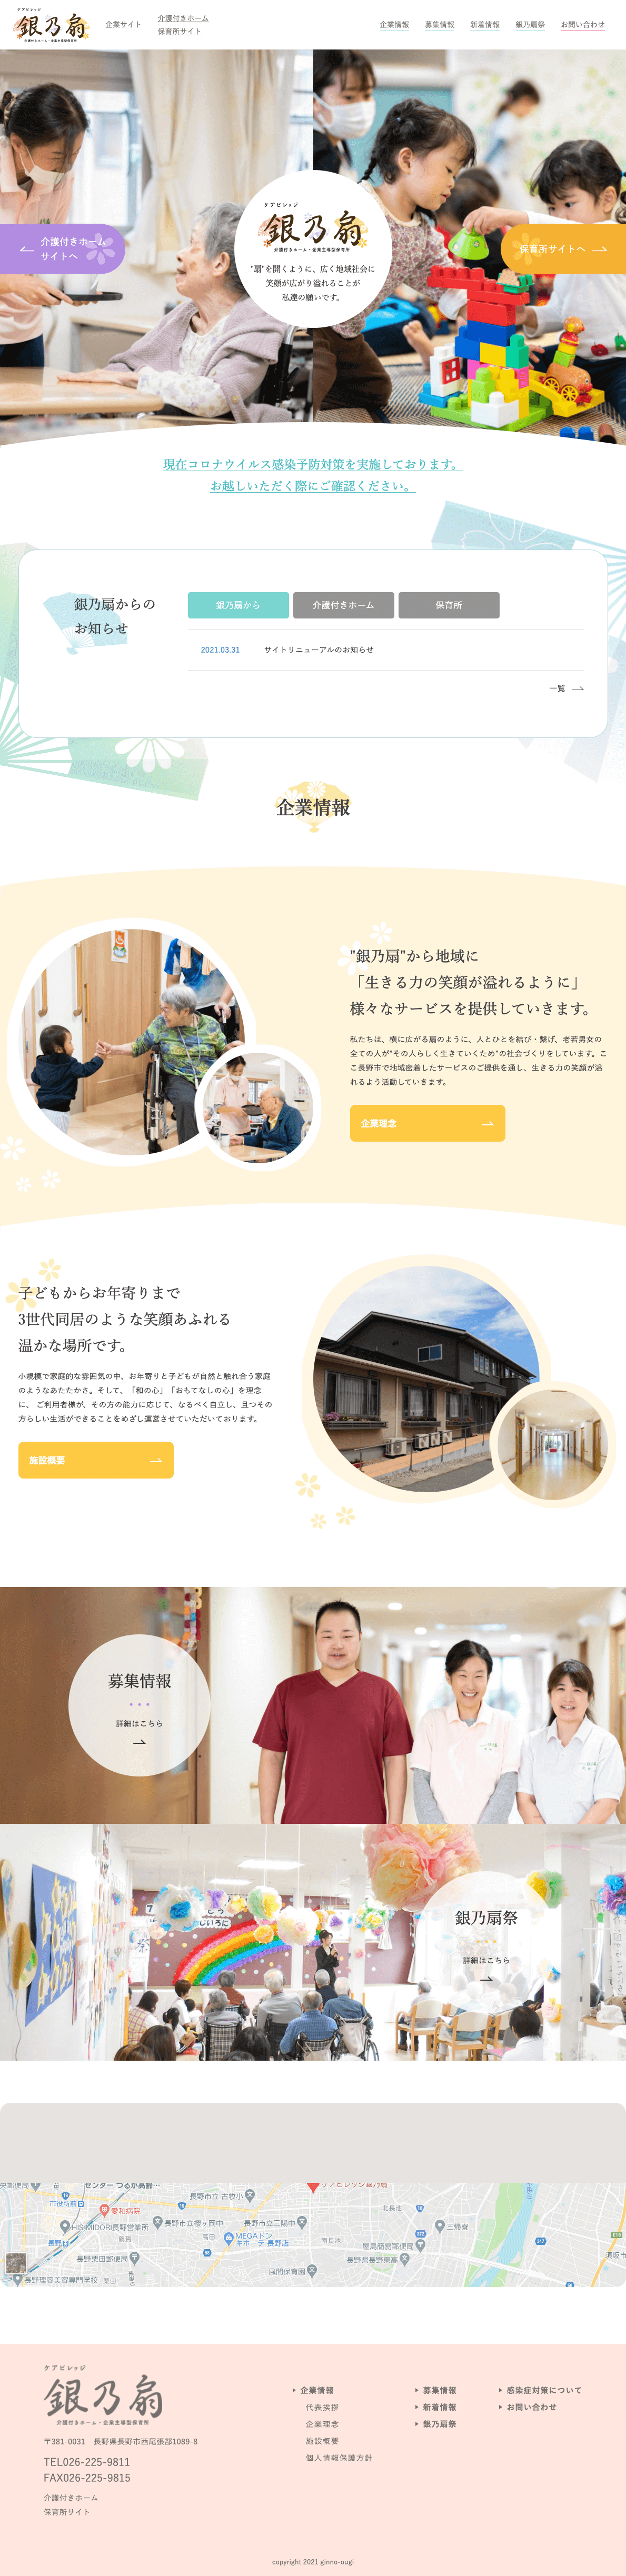 銀乃扇(企業サイト)pcイメージ